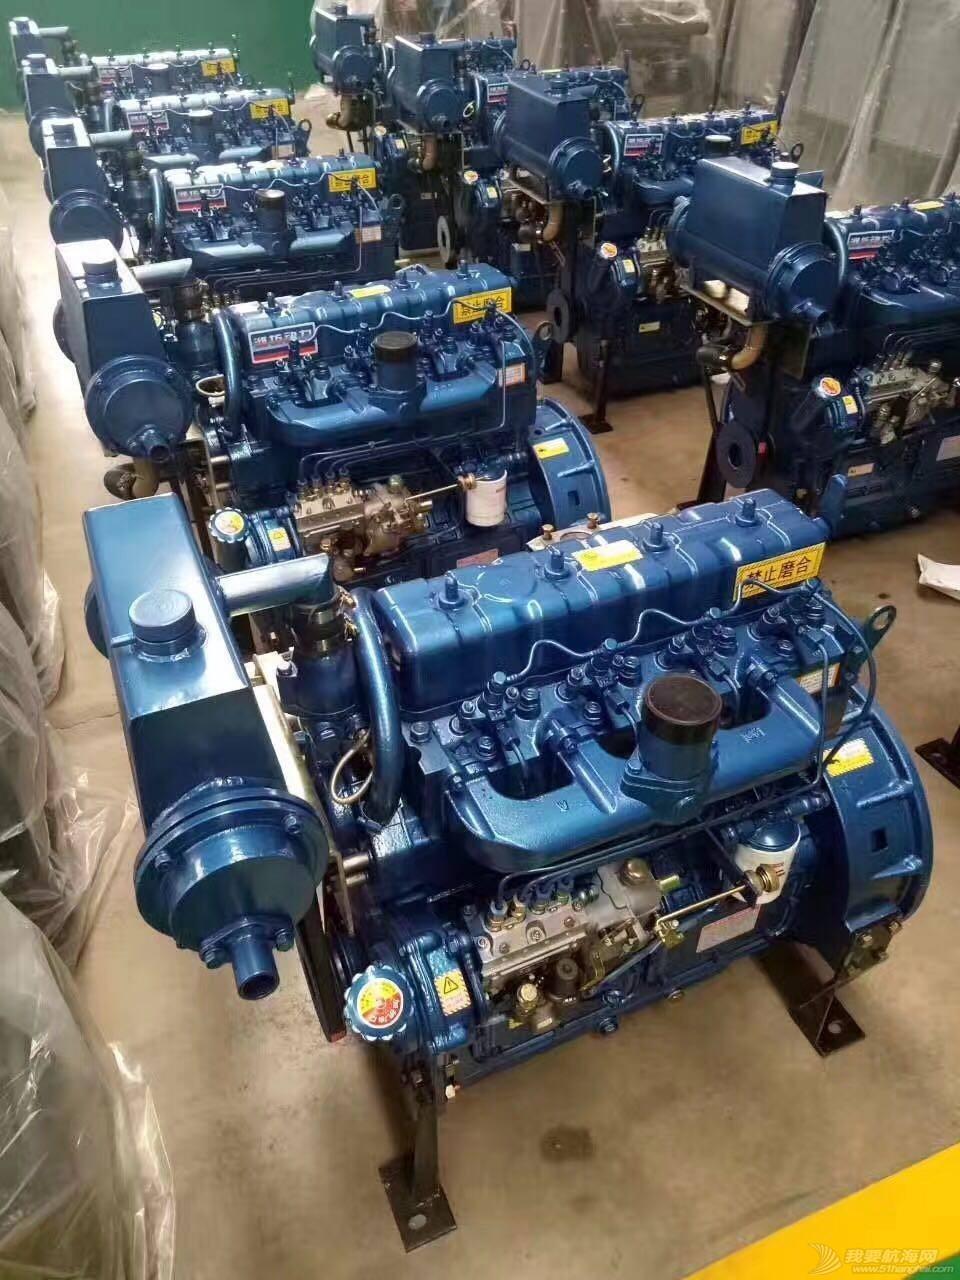 潍坊潍柴zh4100c四缸船用柴油机 厂家供40kw千瓦.jpg